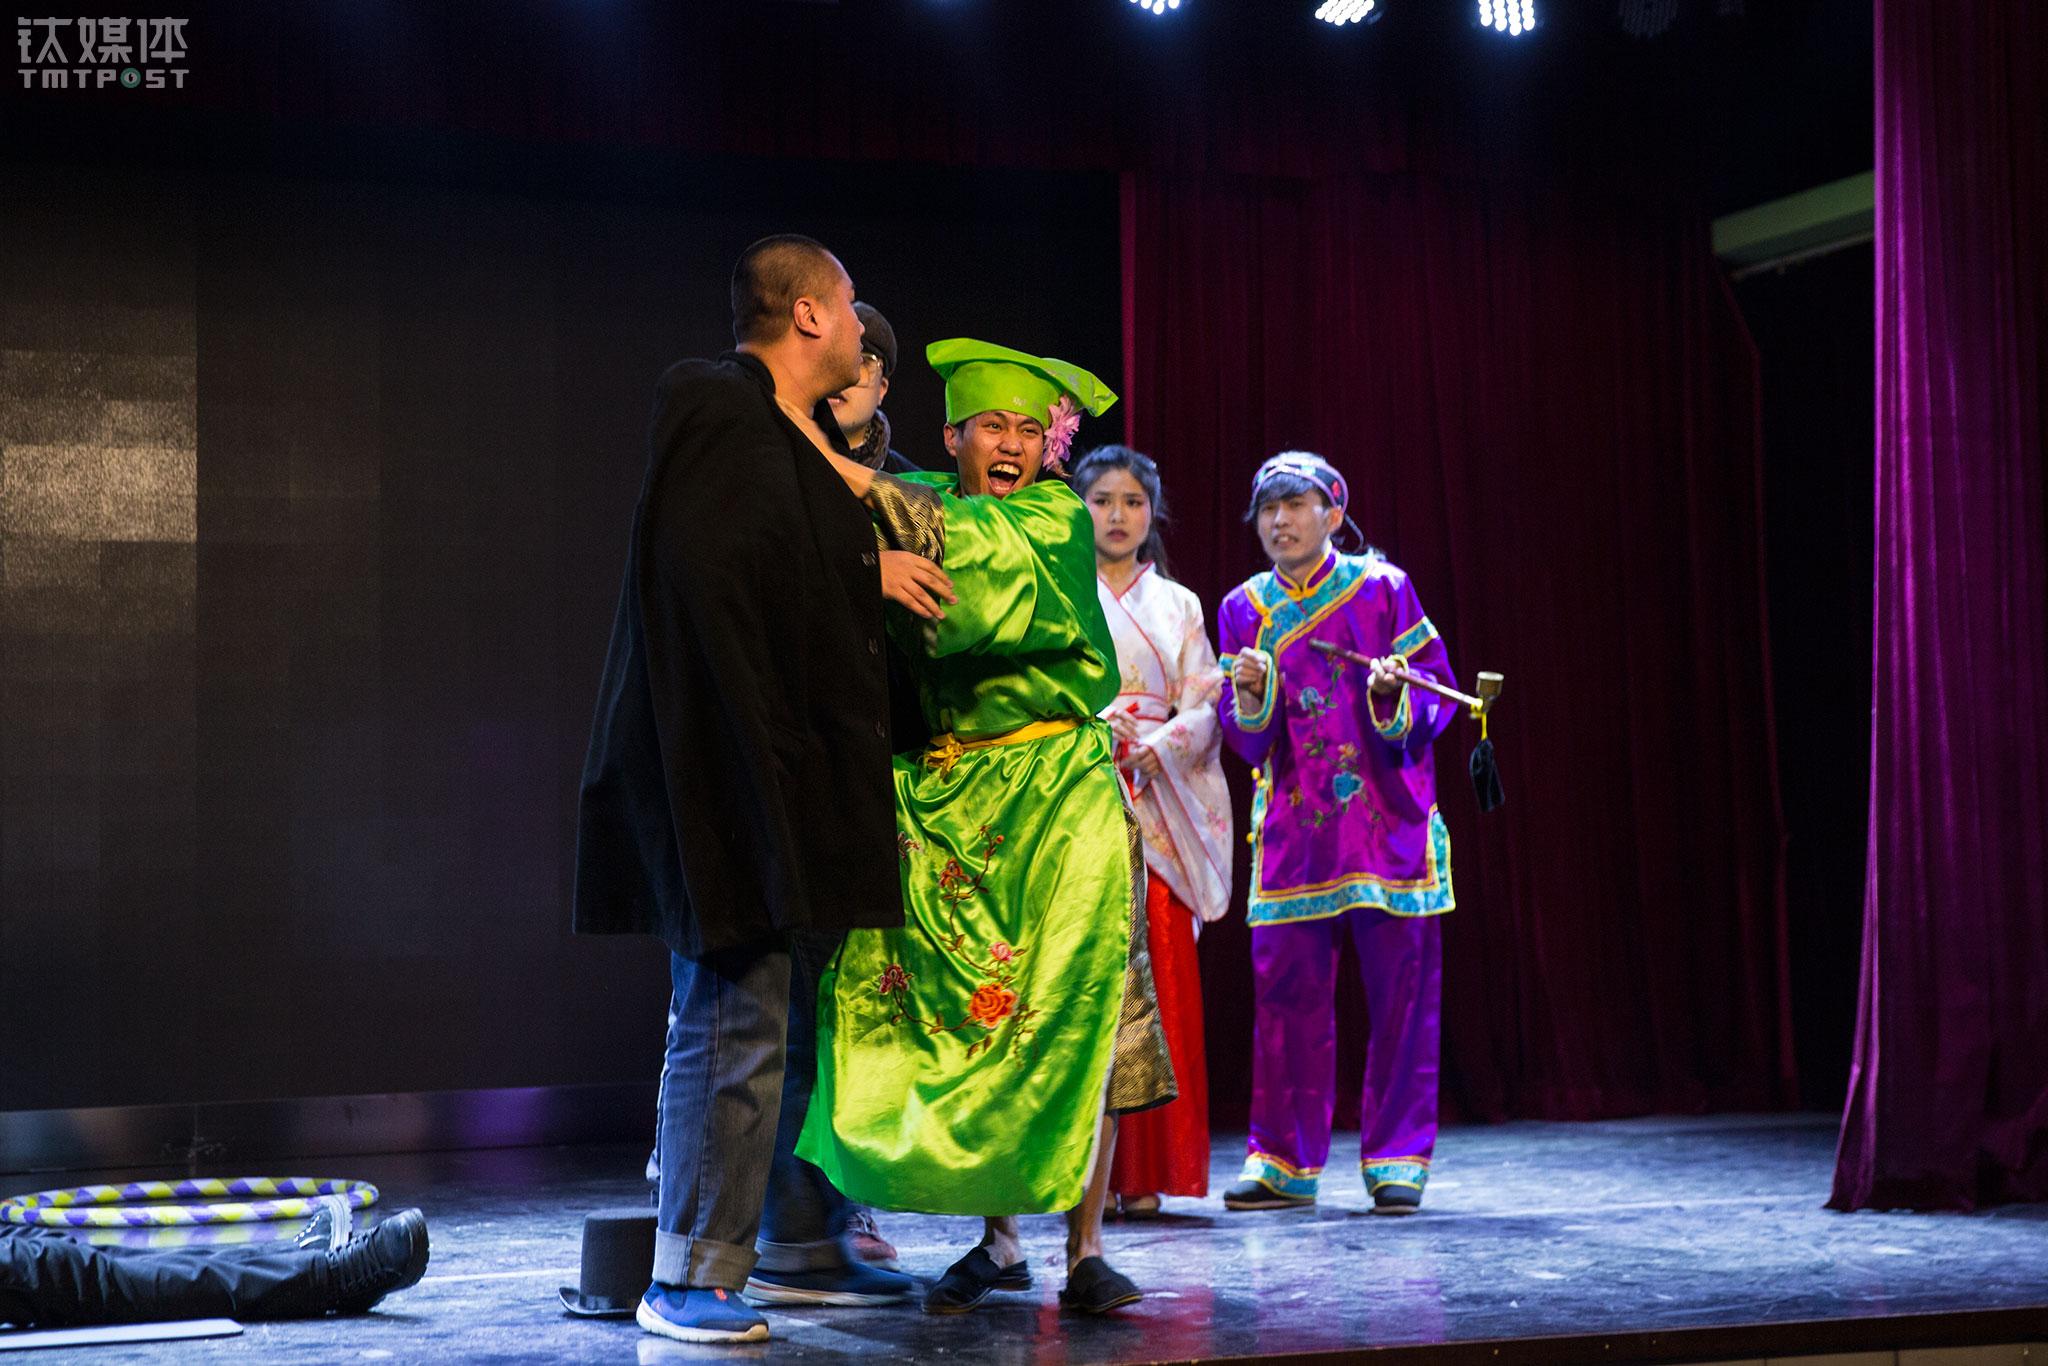 """2017年12月26日,北京辰星剧社,李陆柒在演出中。他曾经到处寻找演戏机会,现在拥有了一个属于自己的角色,一方舞台。在这个舞台上,他每星期要4次演出同一个喜剧。加入剧社近1年,他学到了很多,更加坚定了自己要走的路。""""在这里沉下心来打好基础,接受更专业的磨练,将来的路肯定能走下去。""""每次收获观众的掌声,是李陆柒最开心的时刻,""""付出了很多努力,都值得。"""""""